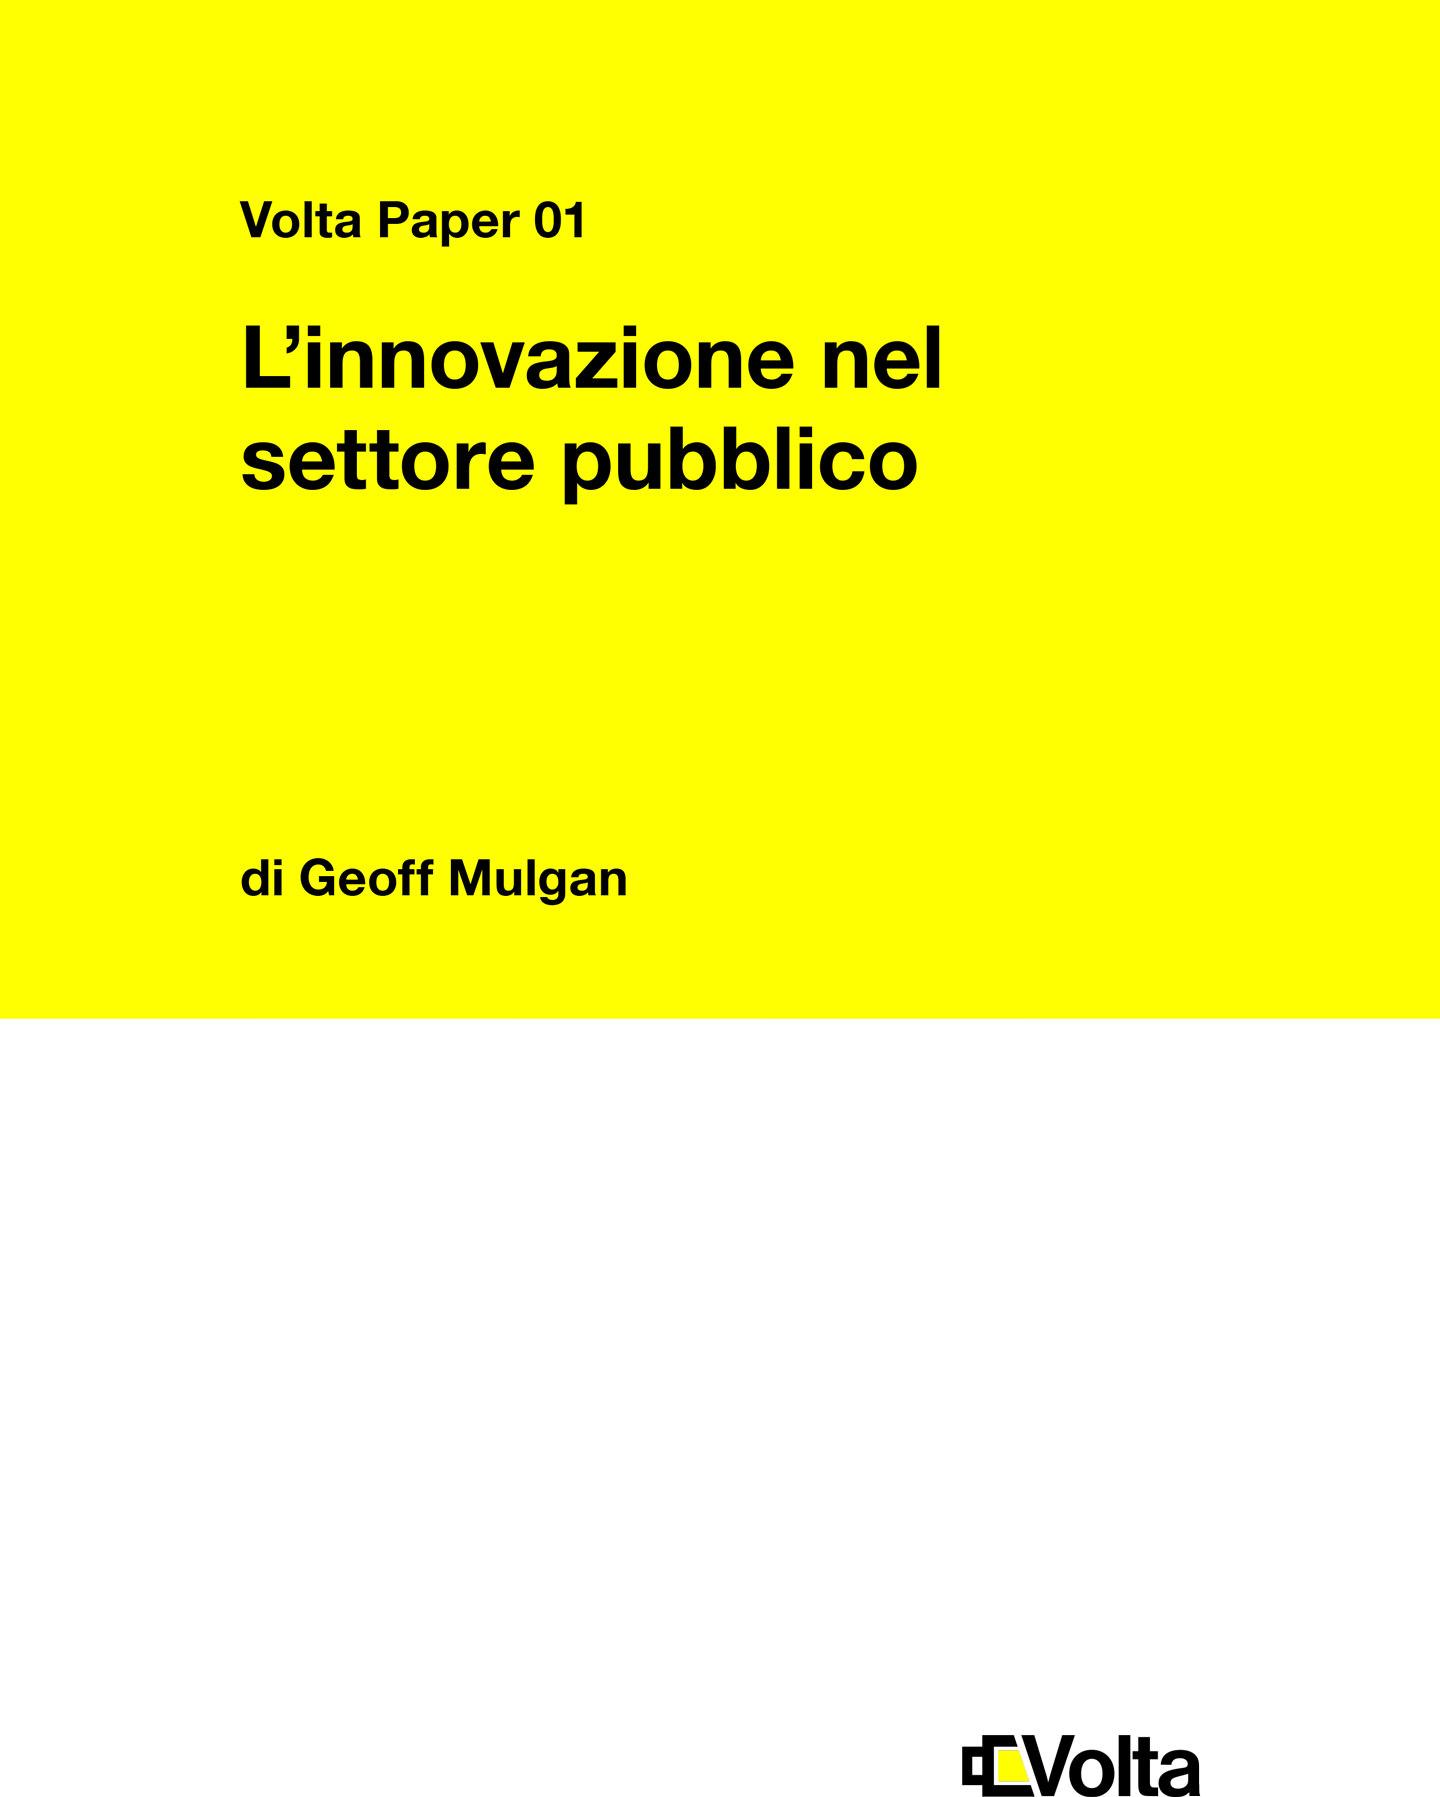 Innovare nel settore pubblico